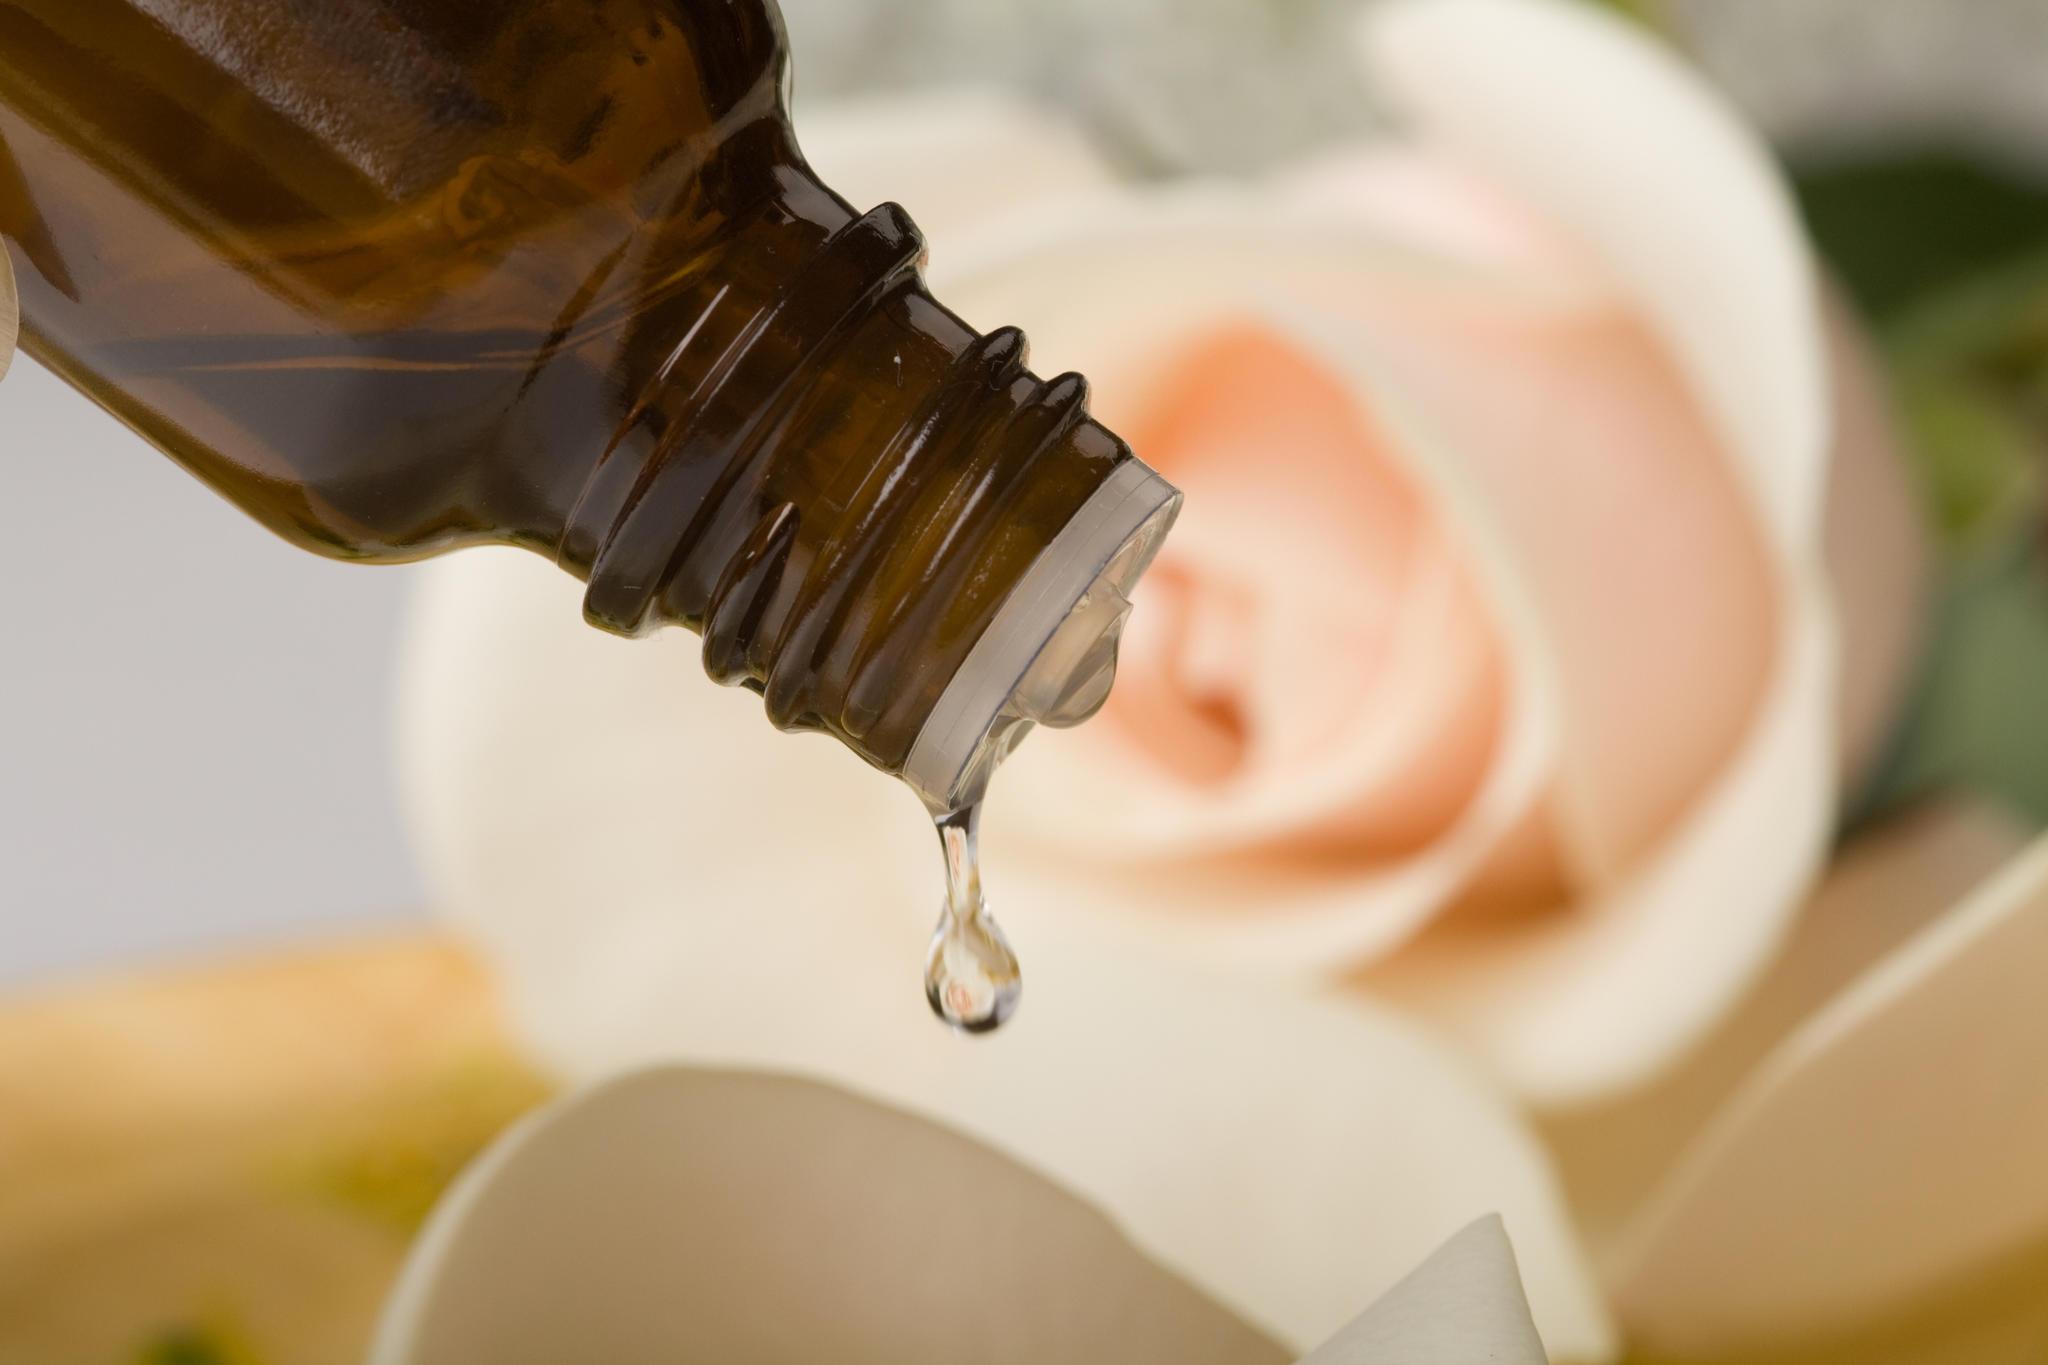 Extractie etherische olie